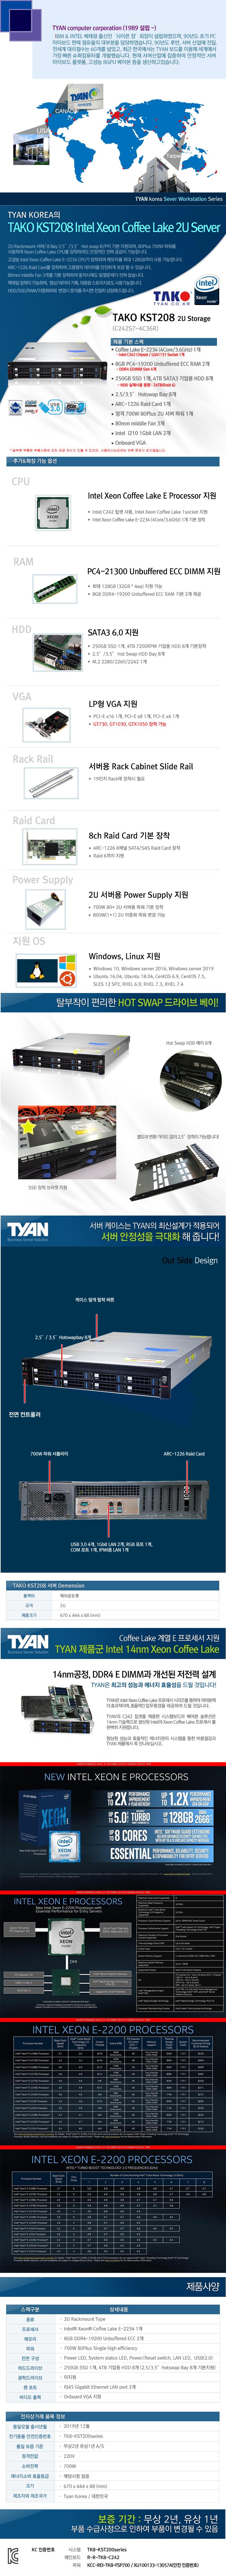 TYAN TAKO-KST208-(C242S7-4C36R) (16GB, SSD 250GB + 24TB)